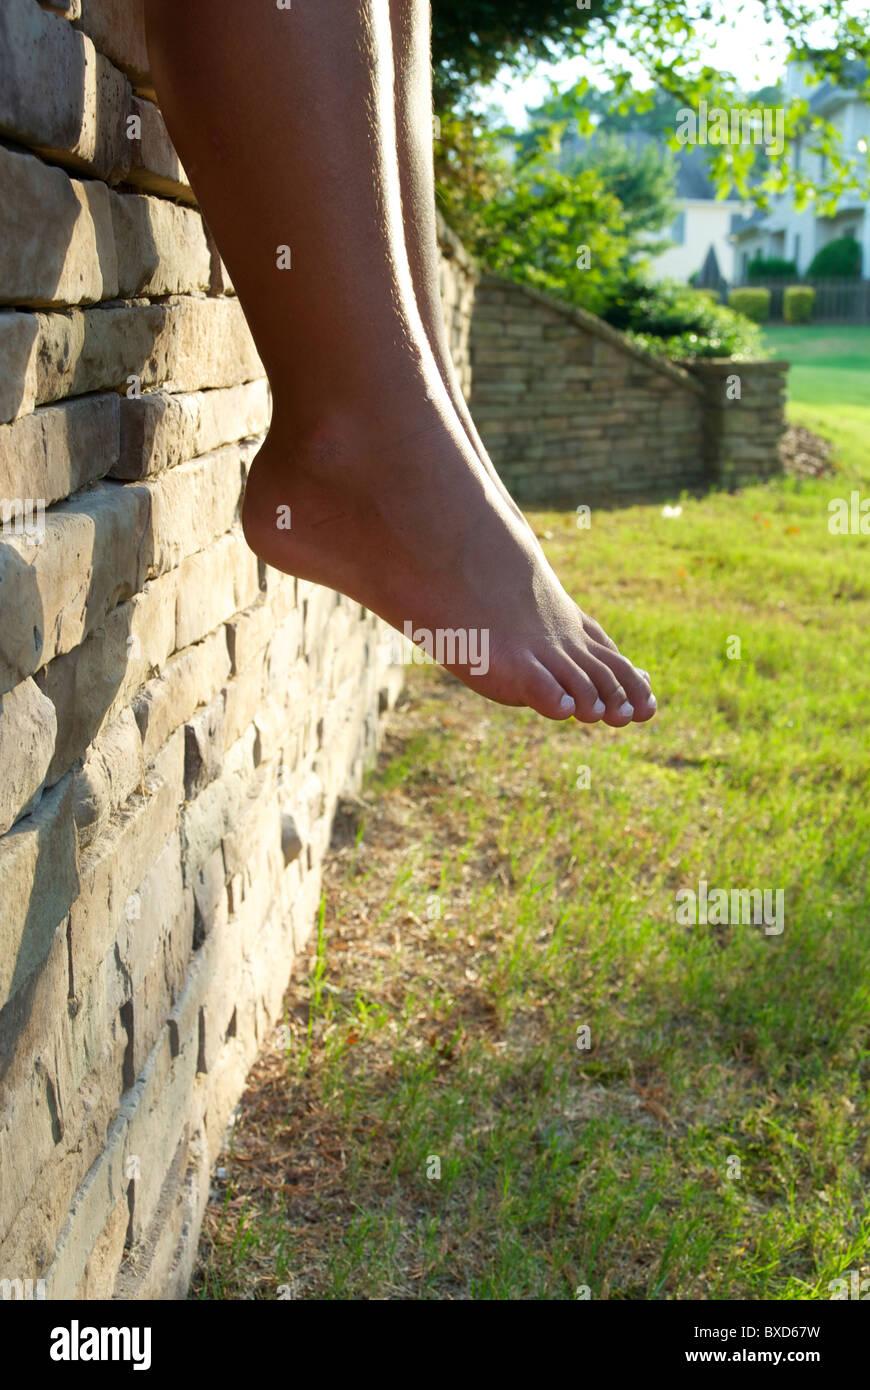 Kleiner junge Beine hängen von einer Steinmauer umgeben. Stockbild